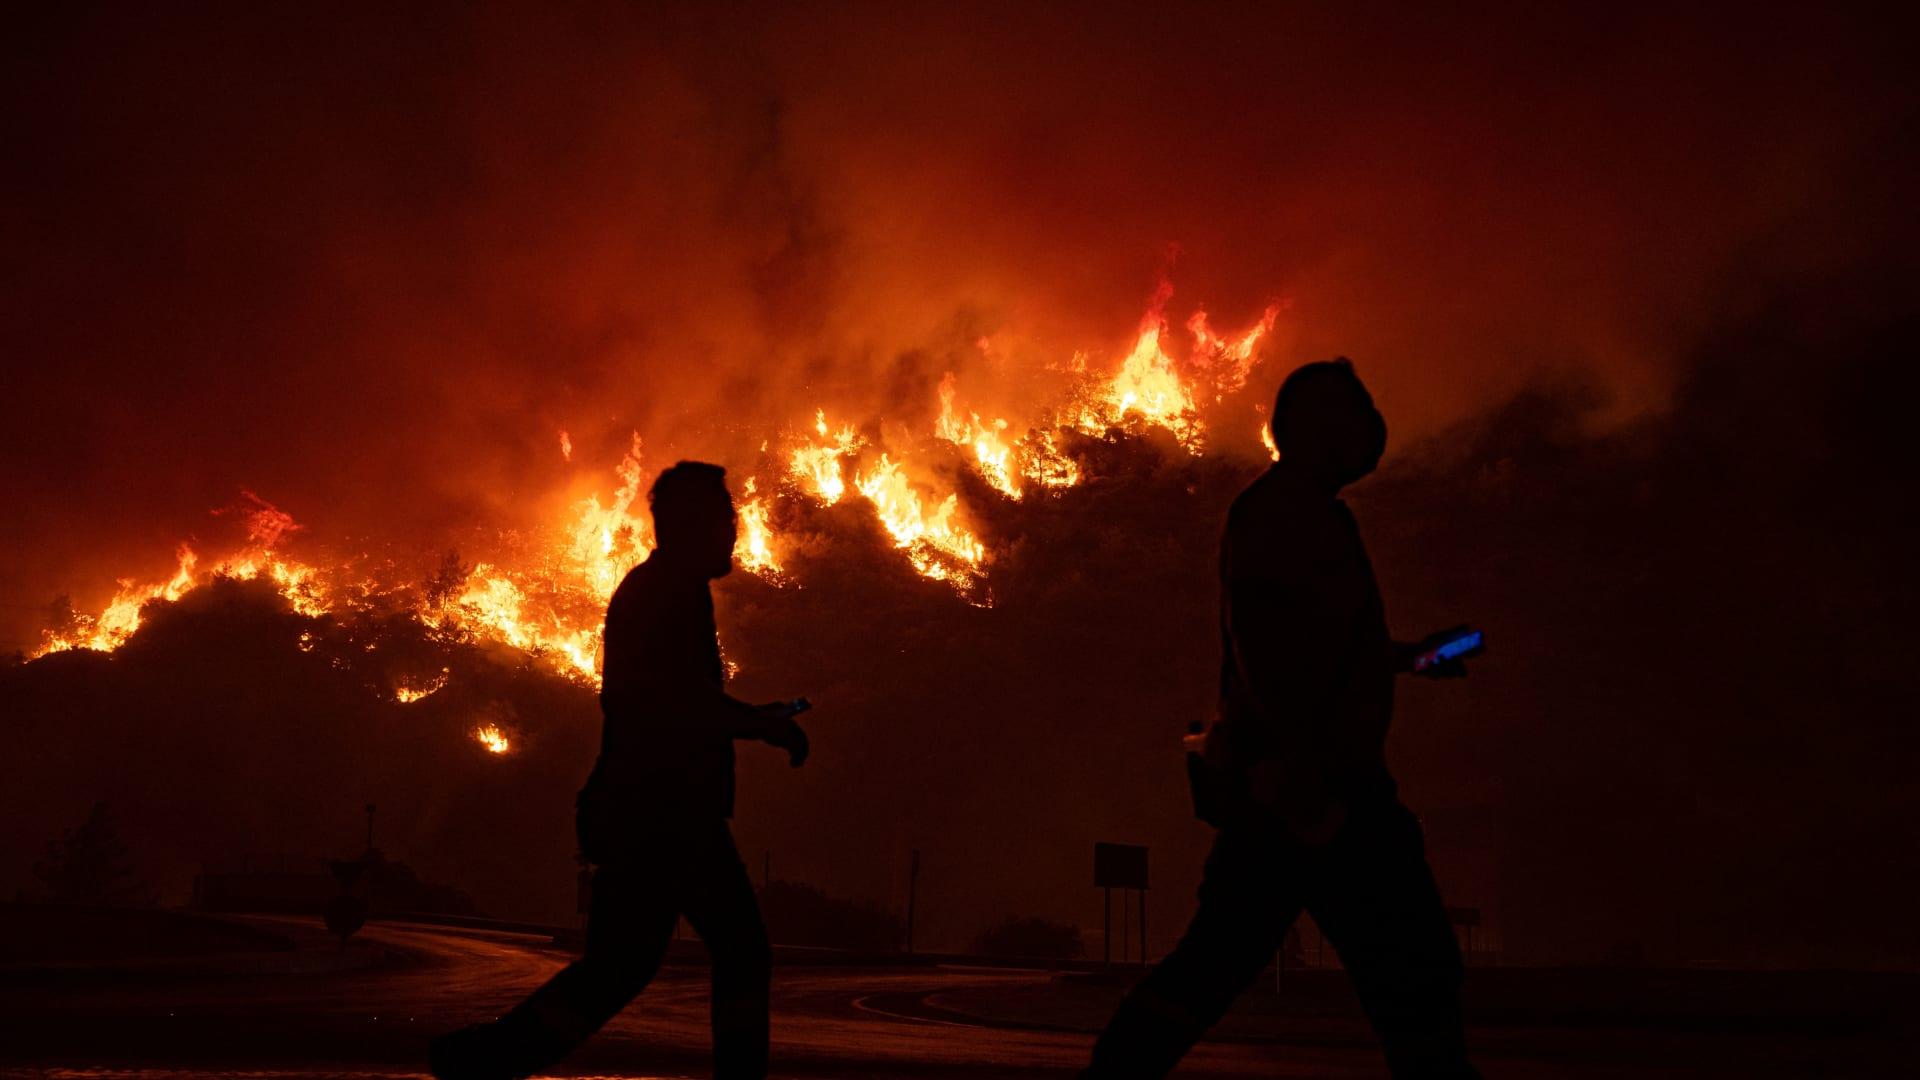 بعد تحذيرات أردوغان.. الحرائق تصل لمحطة حرارية في تركيا ومحافظ المنطقة يطلب دعما جويا